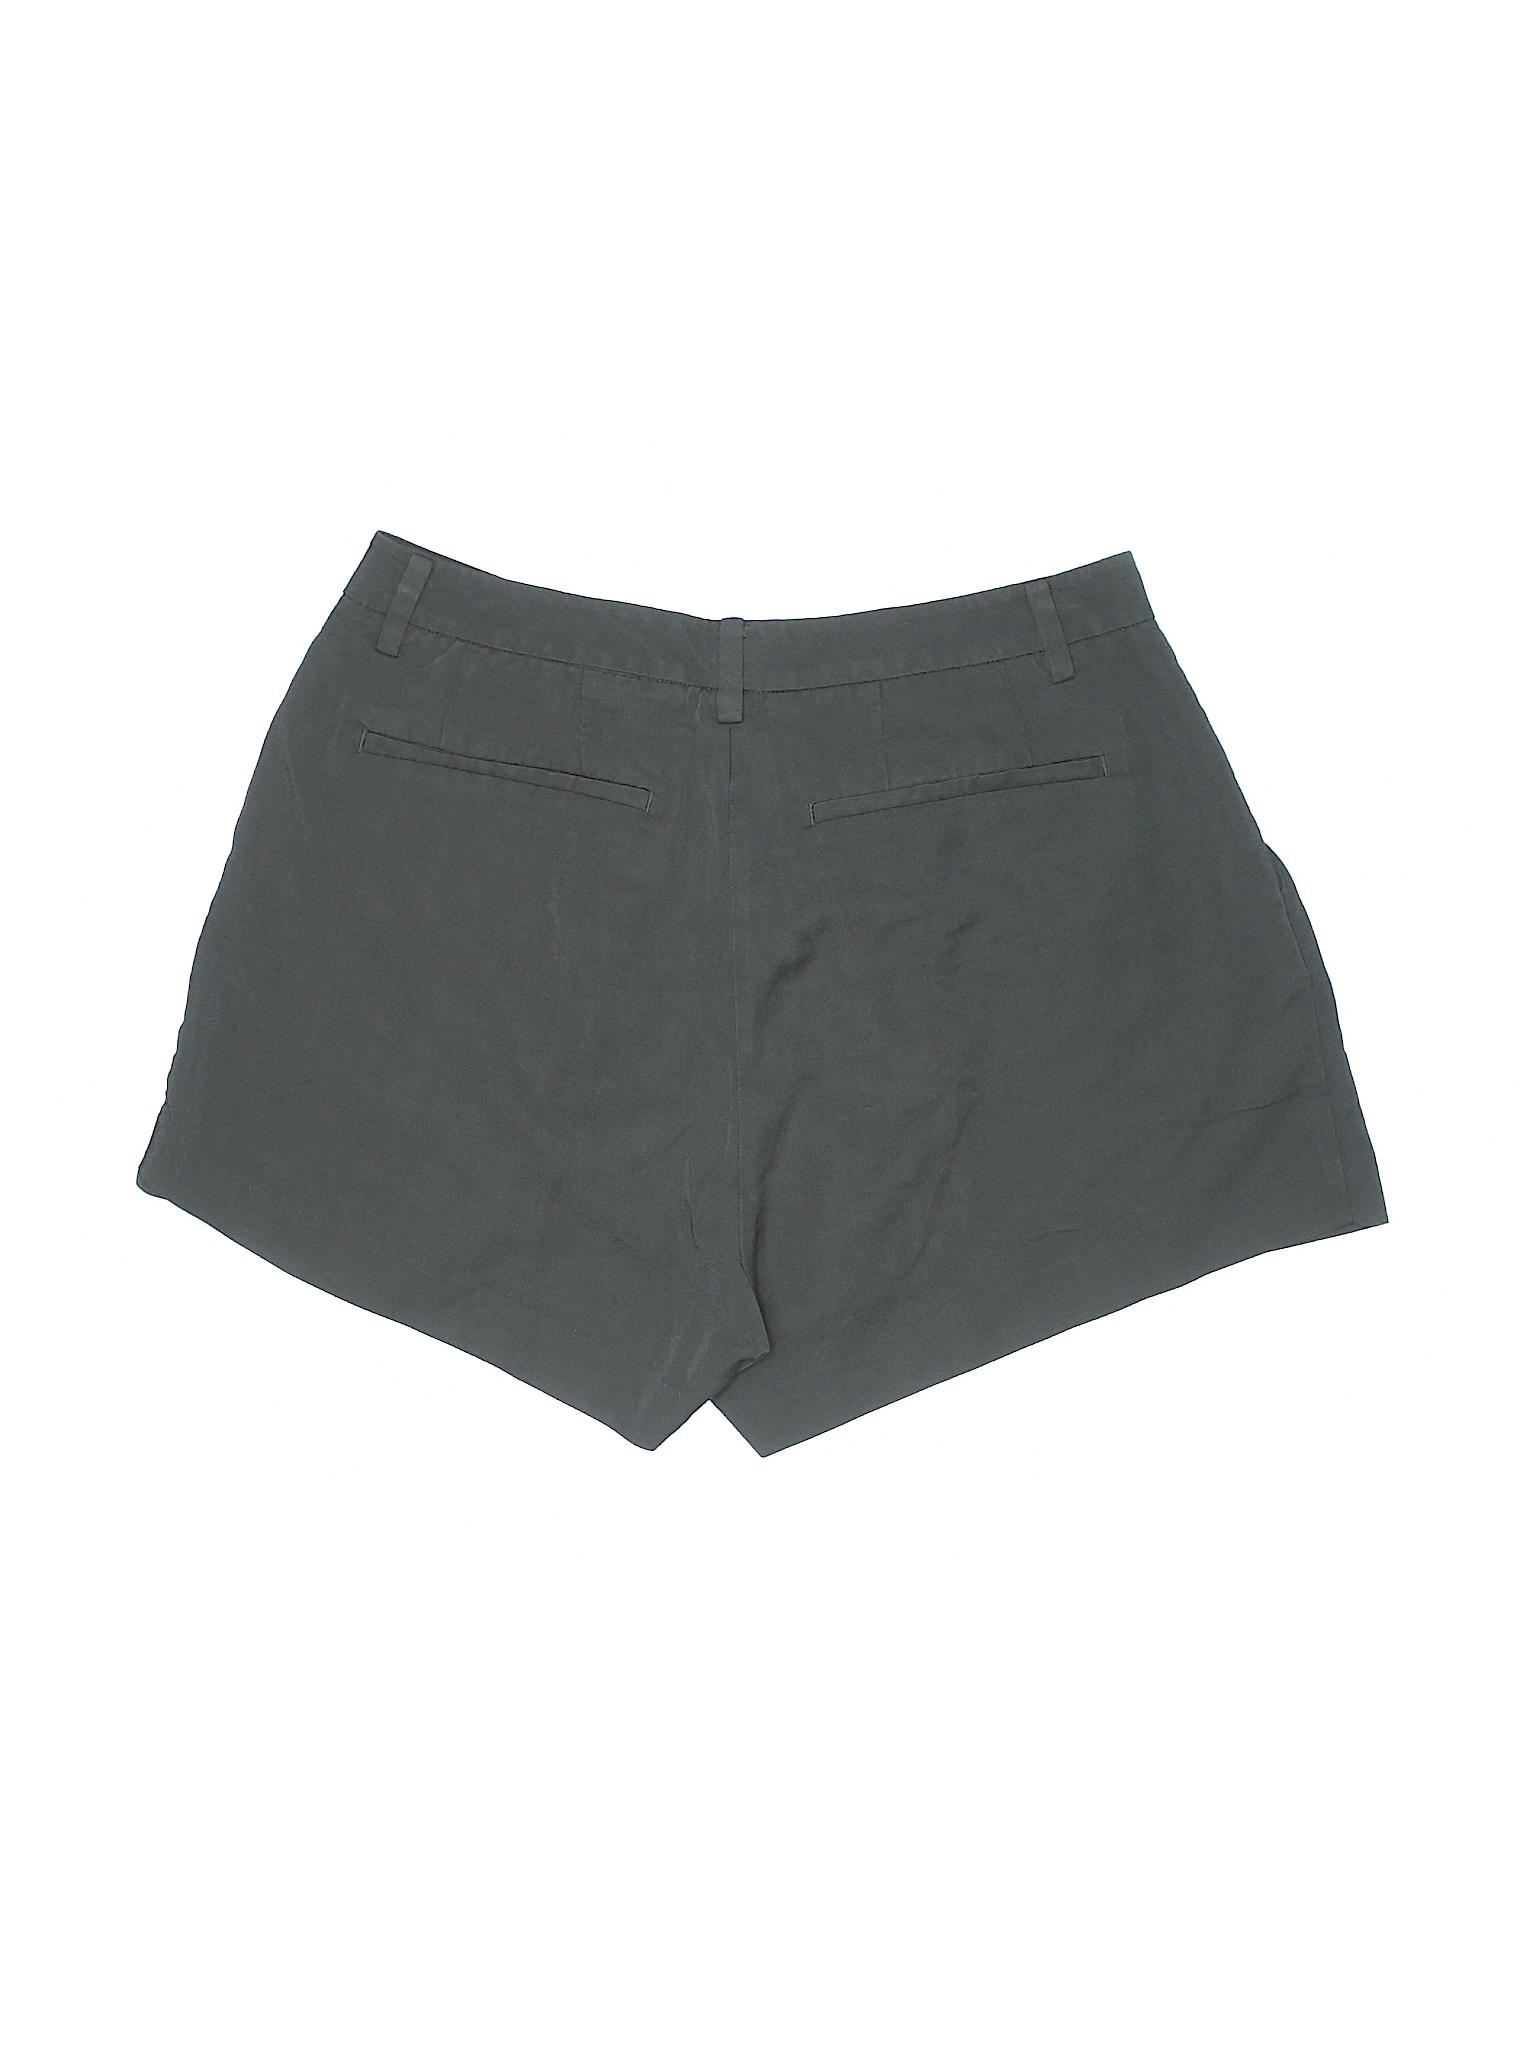 Boutique Uniqlo Shorts Boutique Uniqlo Dressy 0ddq8zw